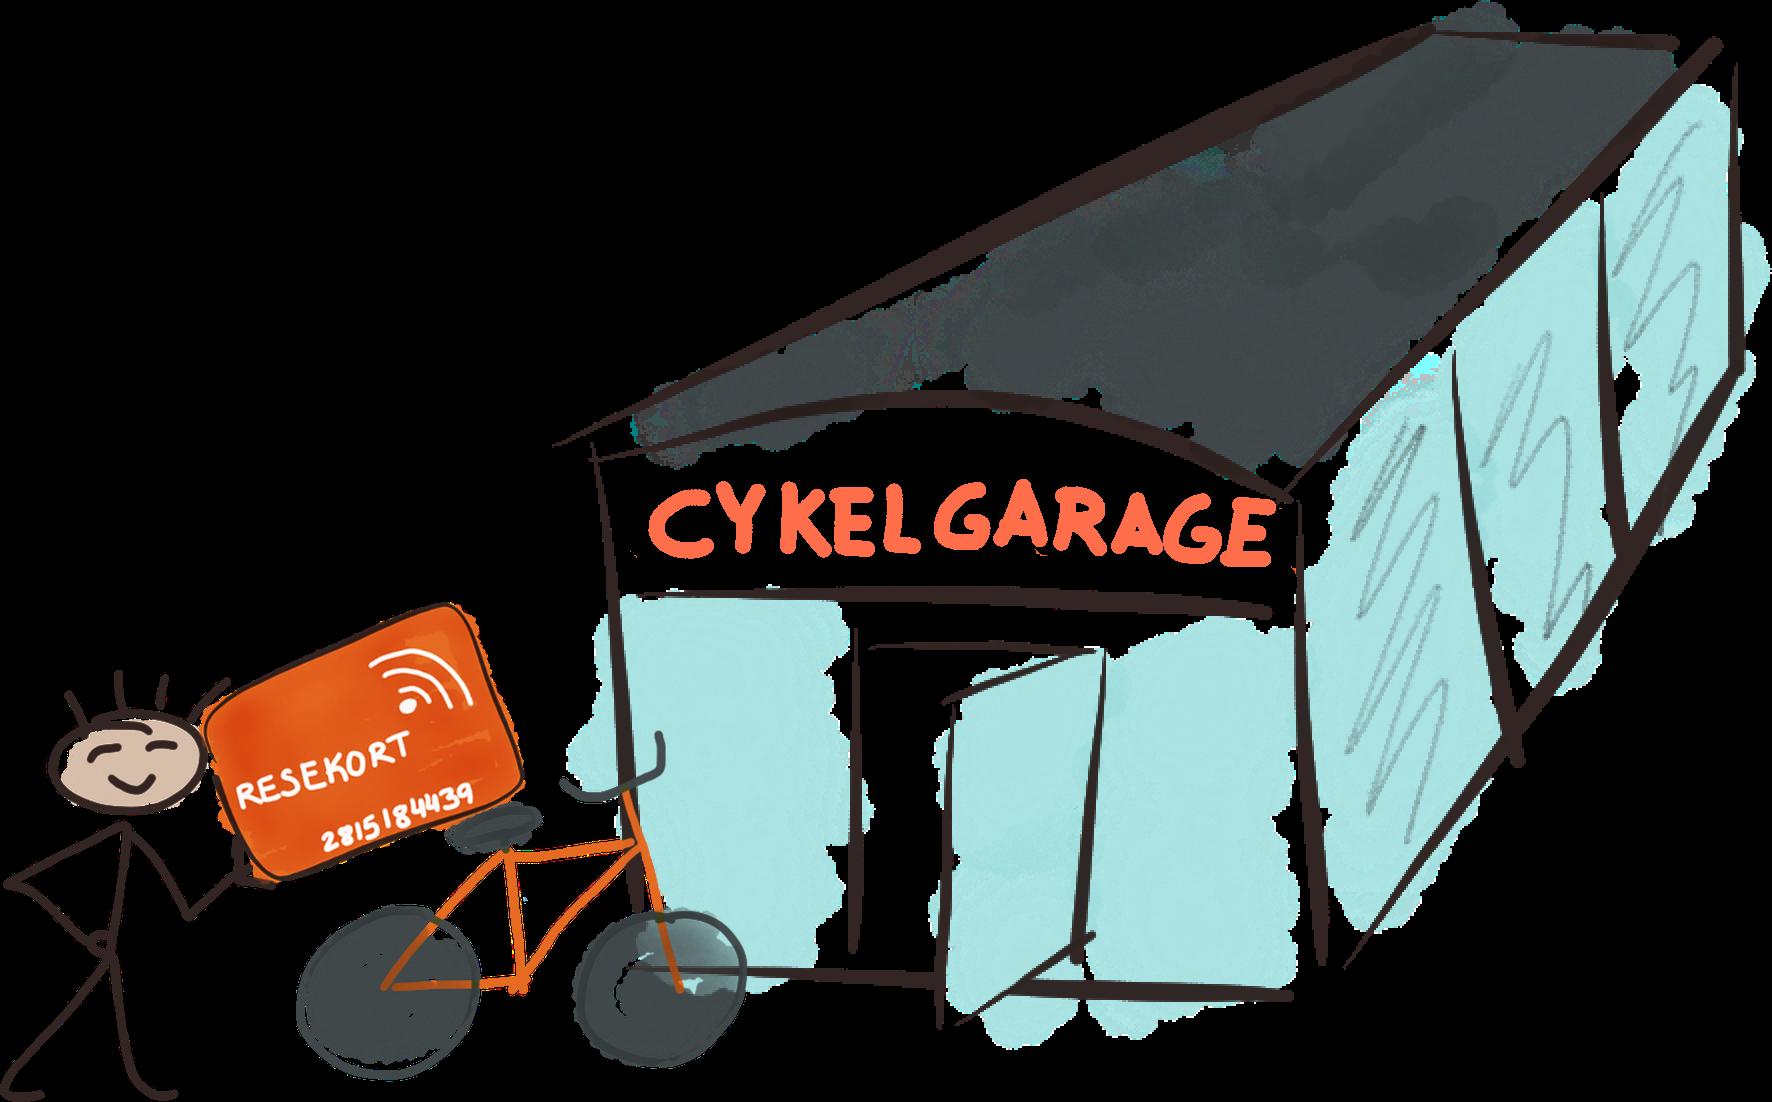 Säker och låst cykelparkering/cykelgarage - kopplat till resekortet